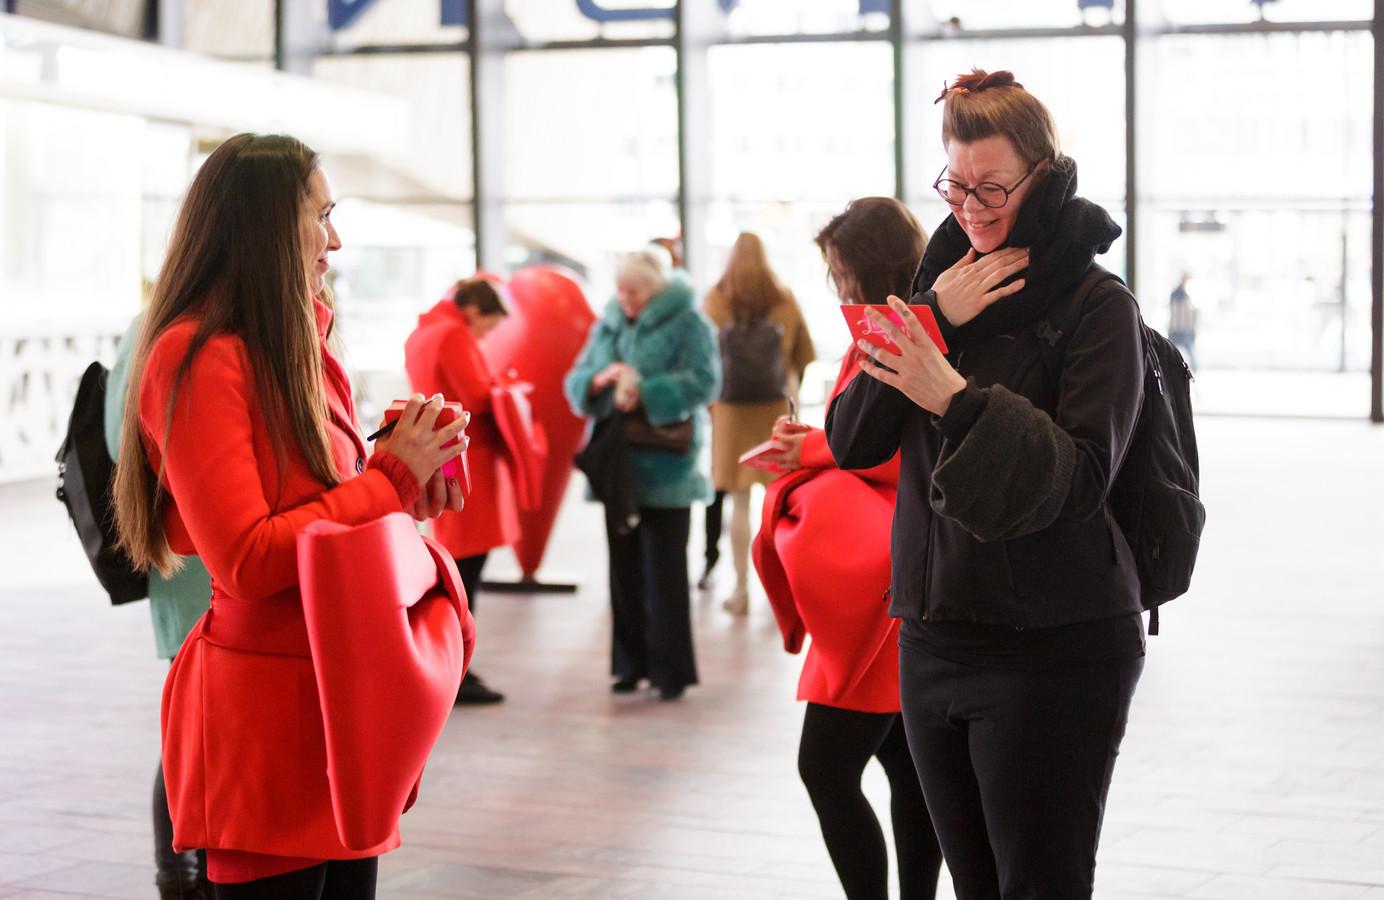 Honderden bezoekers van het Centraal Station in Rotterdam ontvingen vandaag een handgeschreven compliment.